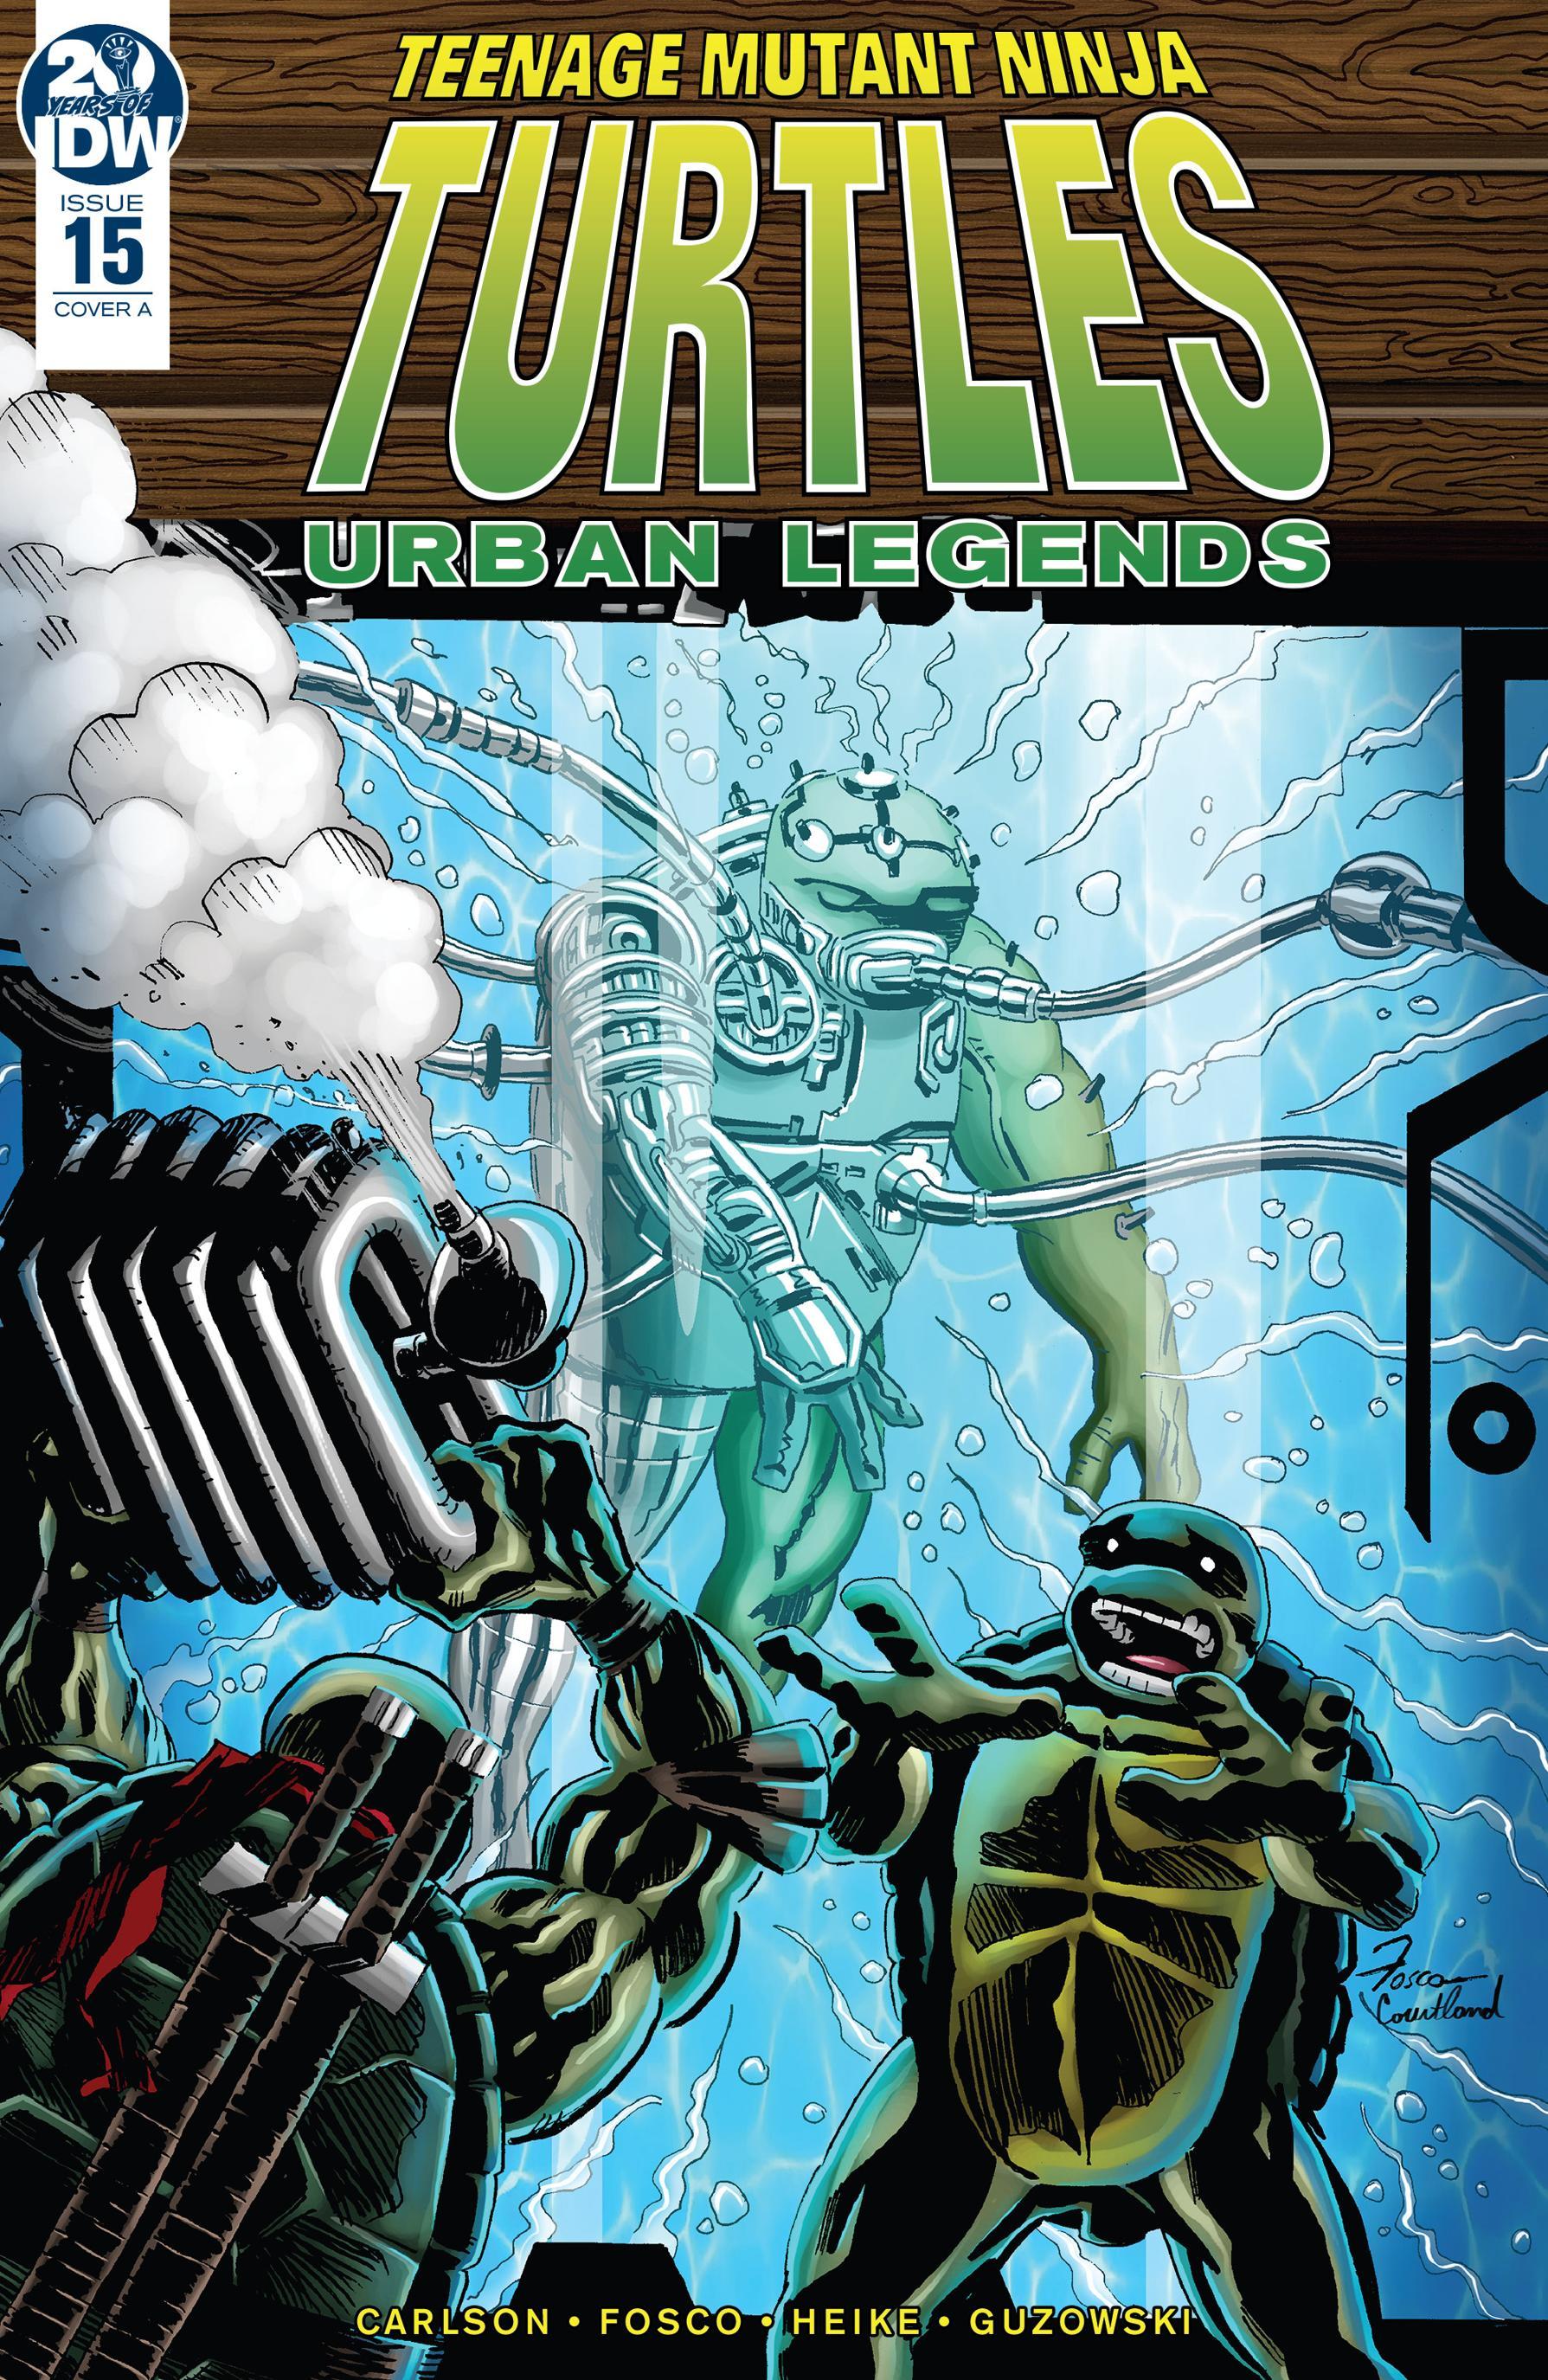 Teenage Mutant Ninja Turtles - Urban Legends 015 (2019) (Digital) (BlackManta-Empire